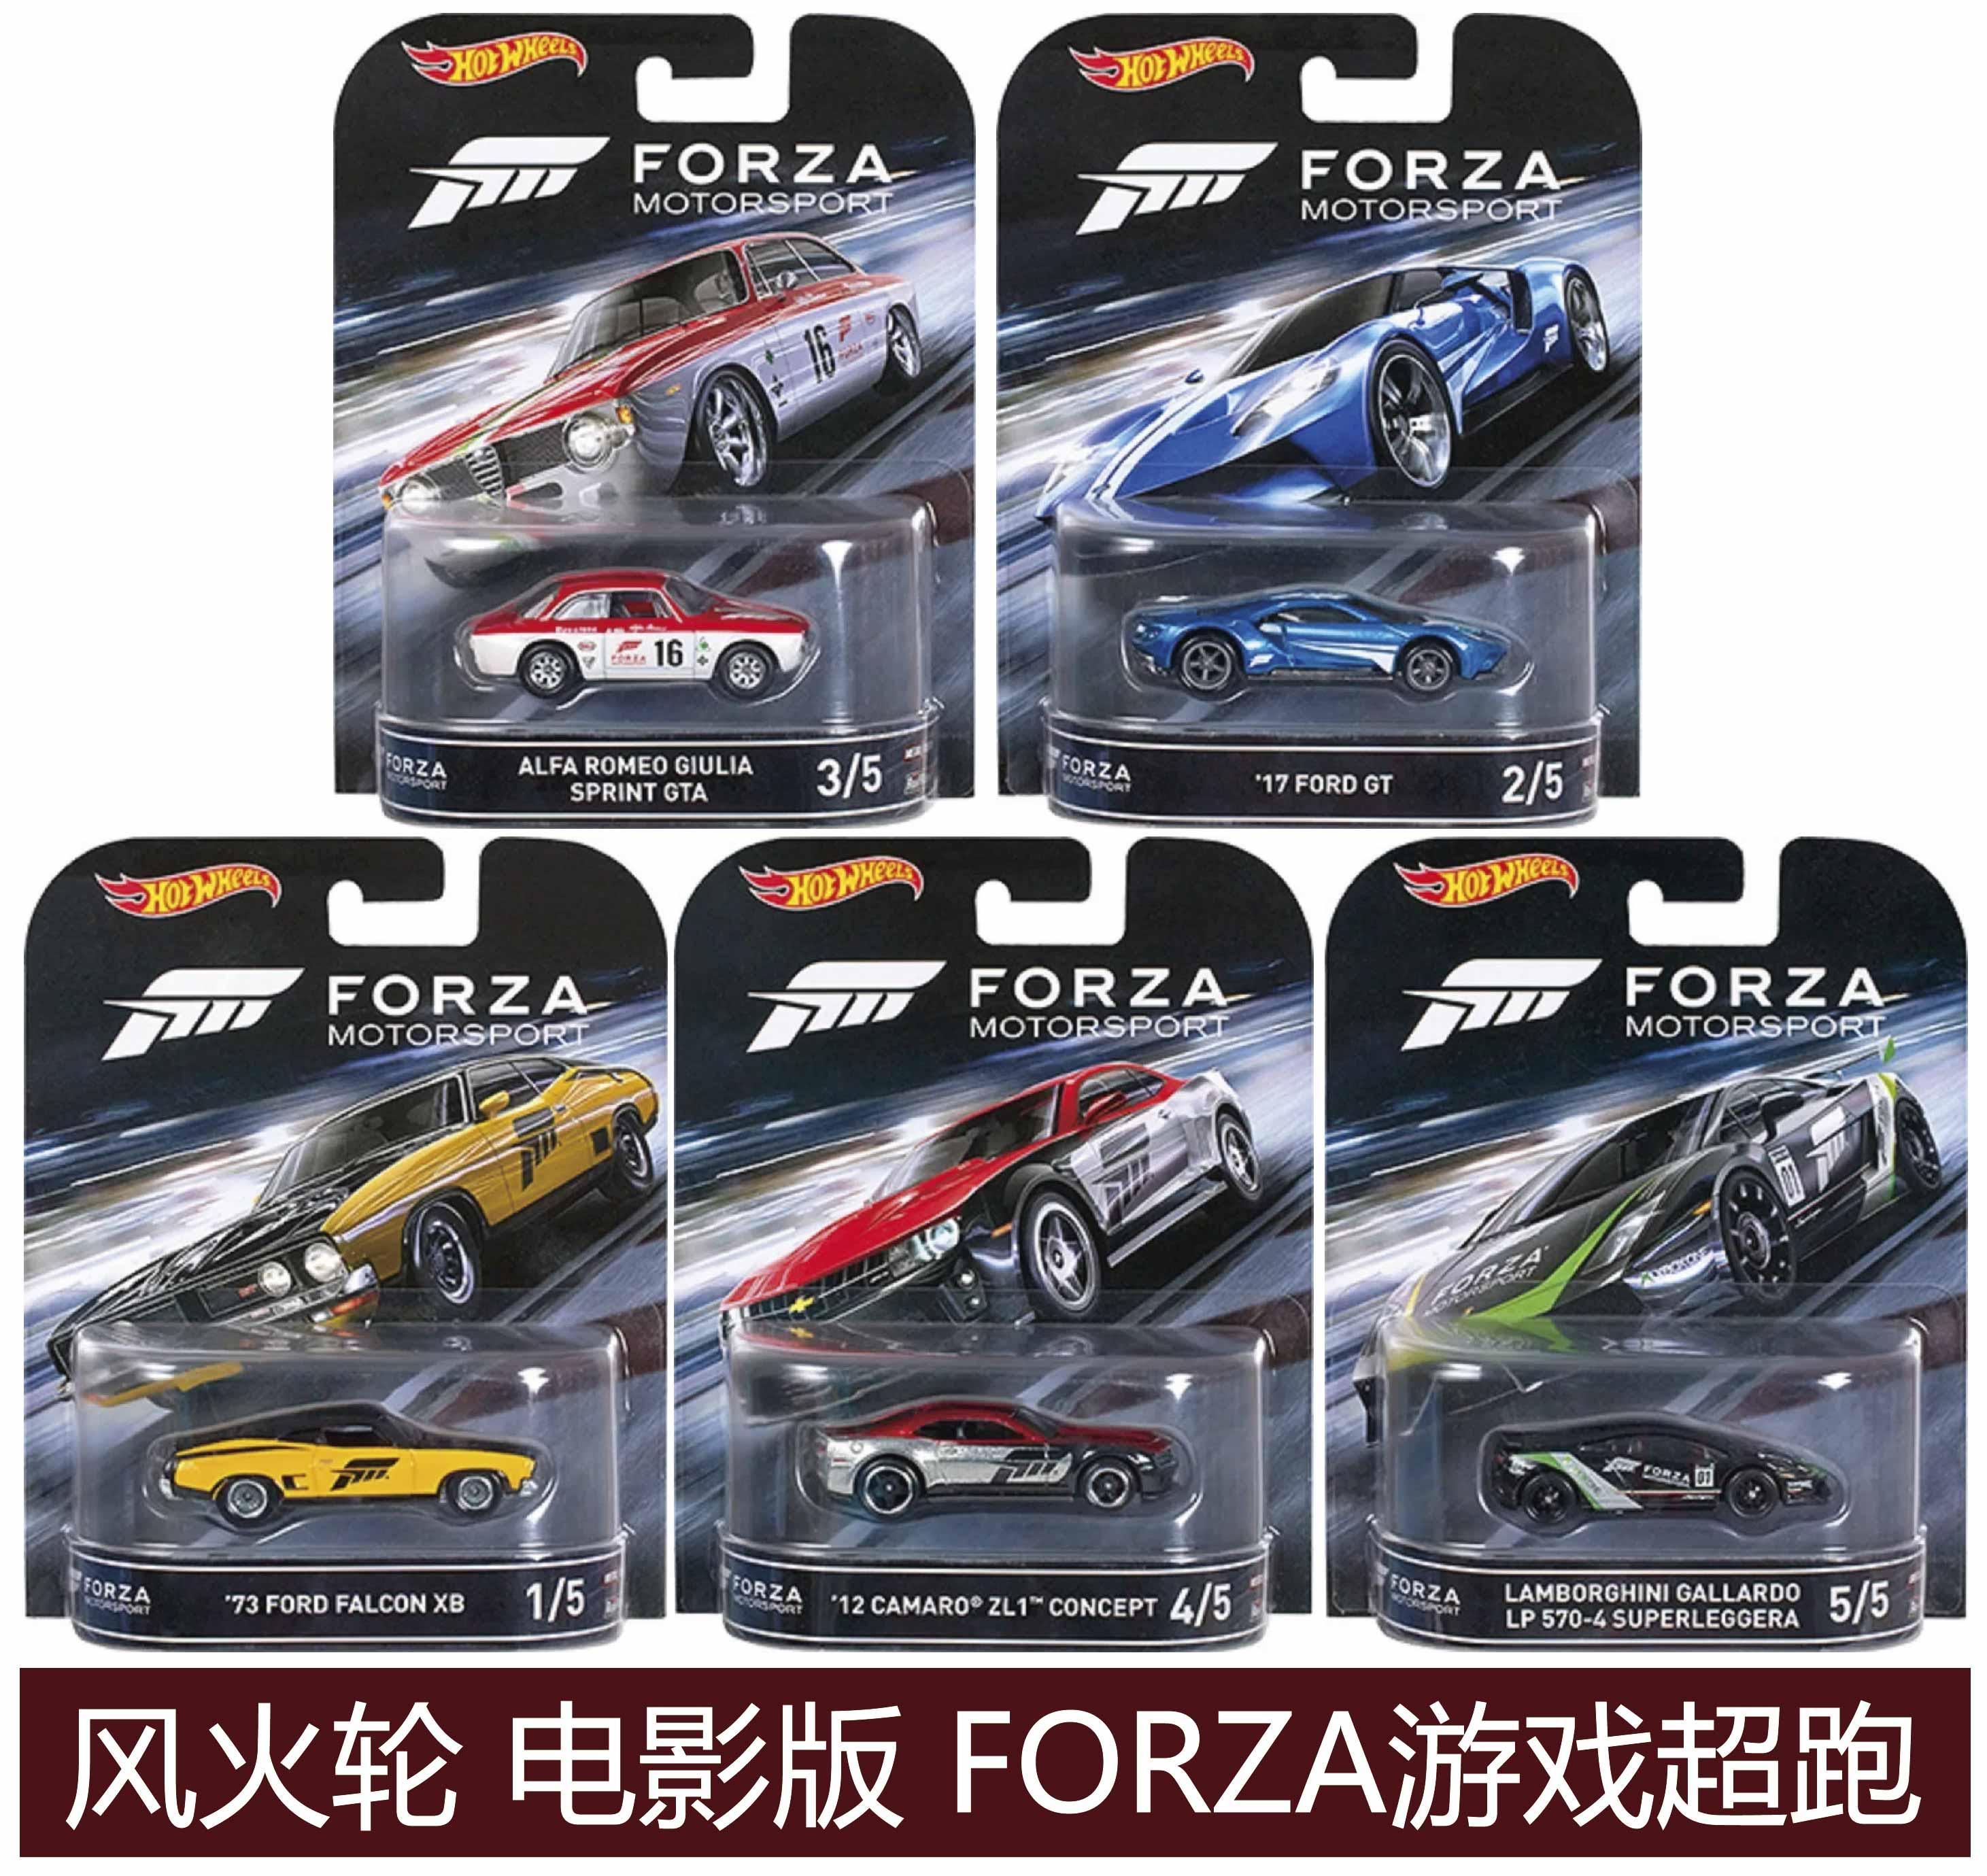 美泰风火轮火辣小跑车极限竞速系列超跑套装电影版珍藏胶胎Forza